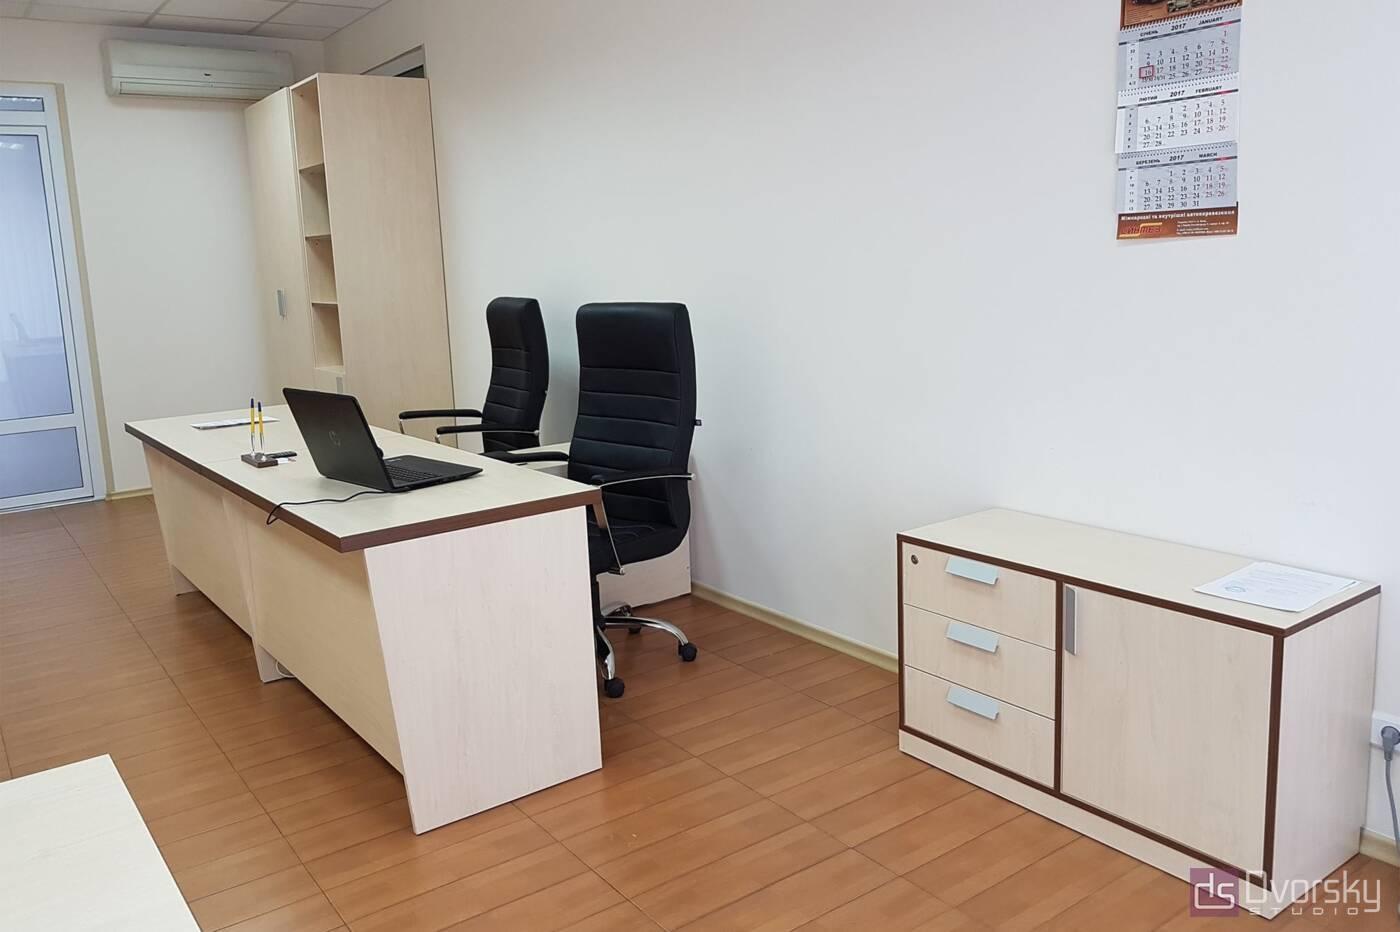 Офисная мебель Светлые офисные столы - Фото № 1